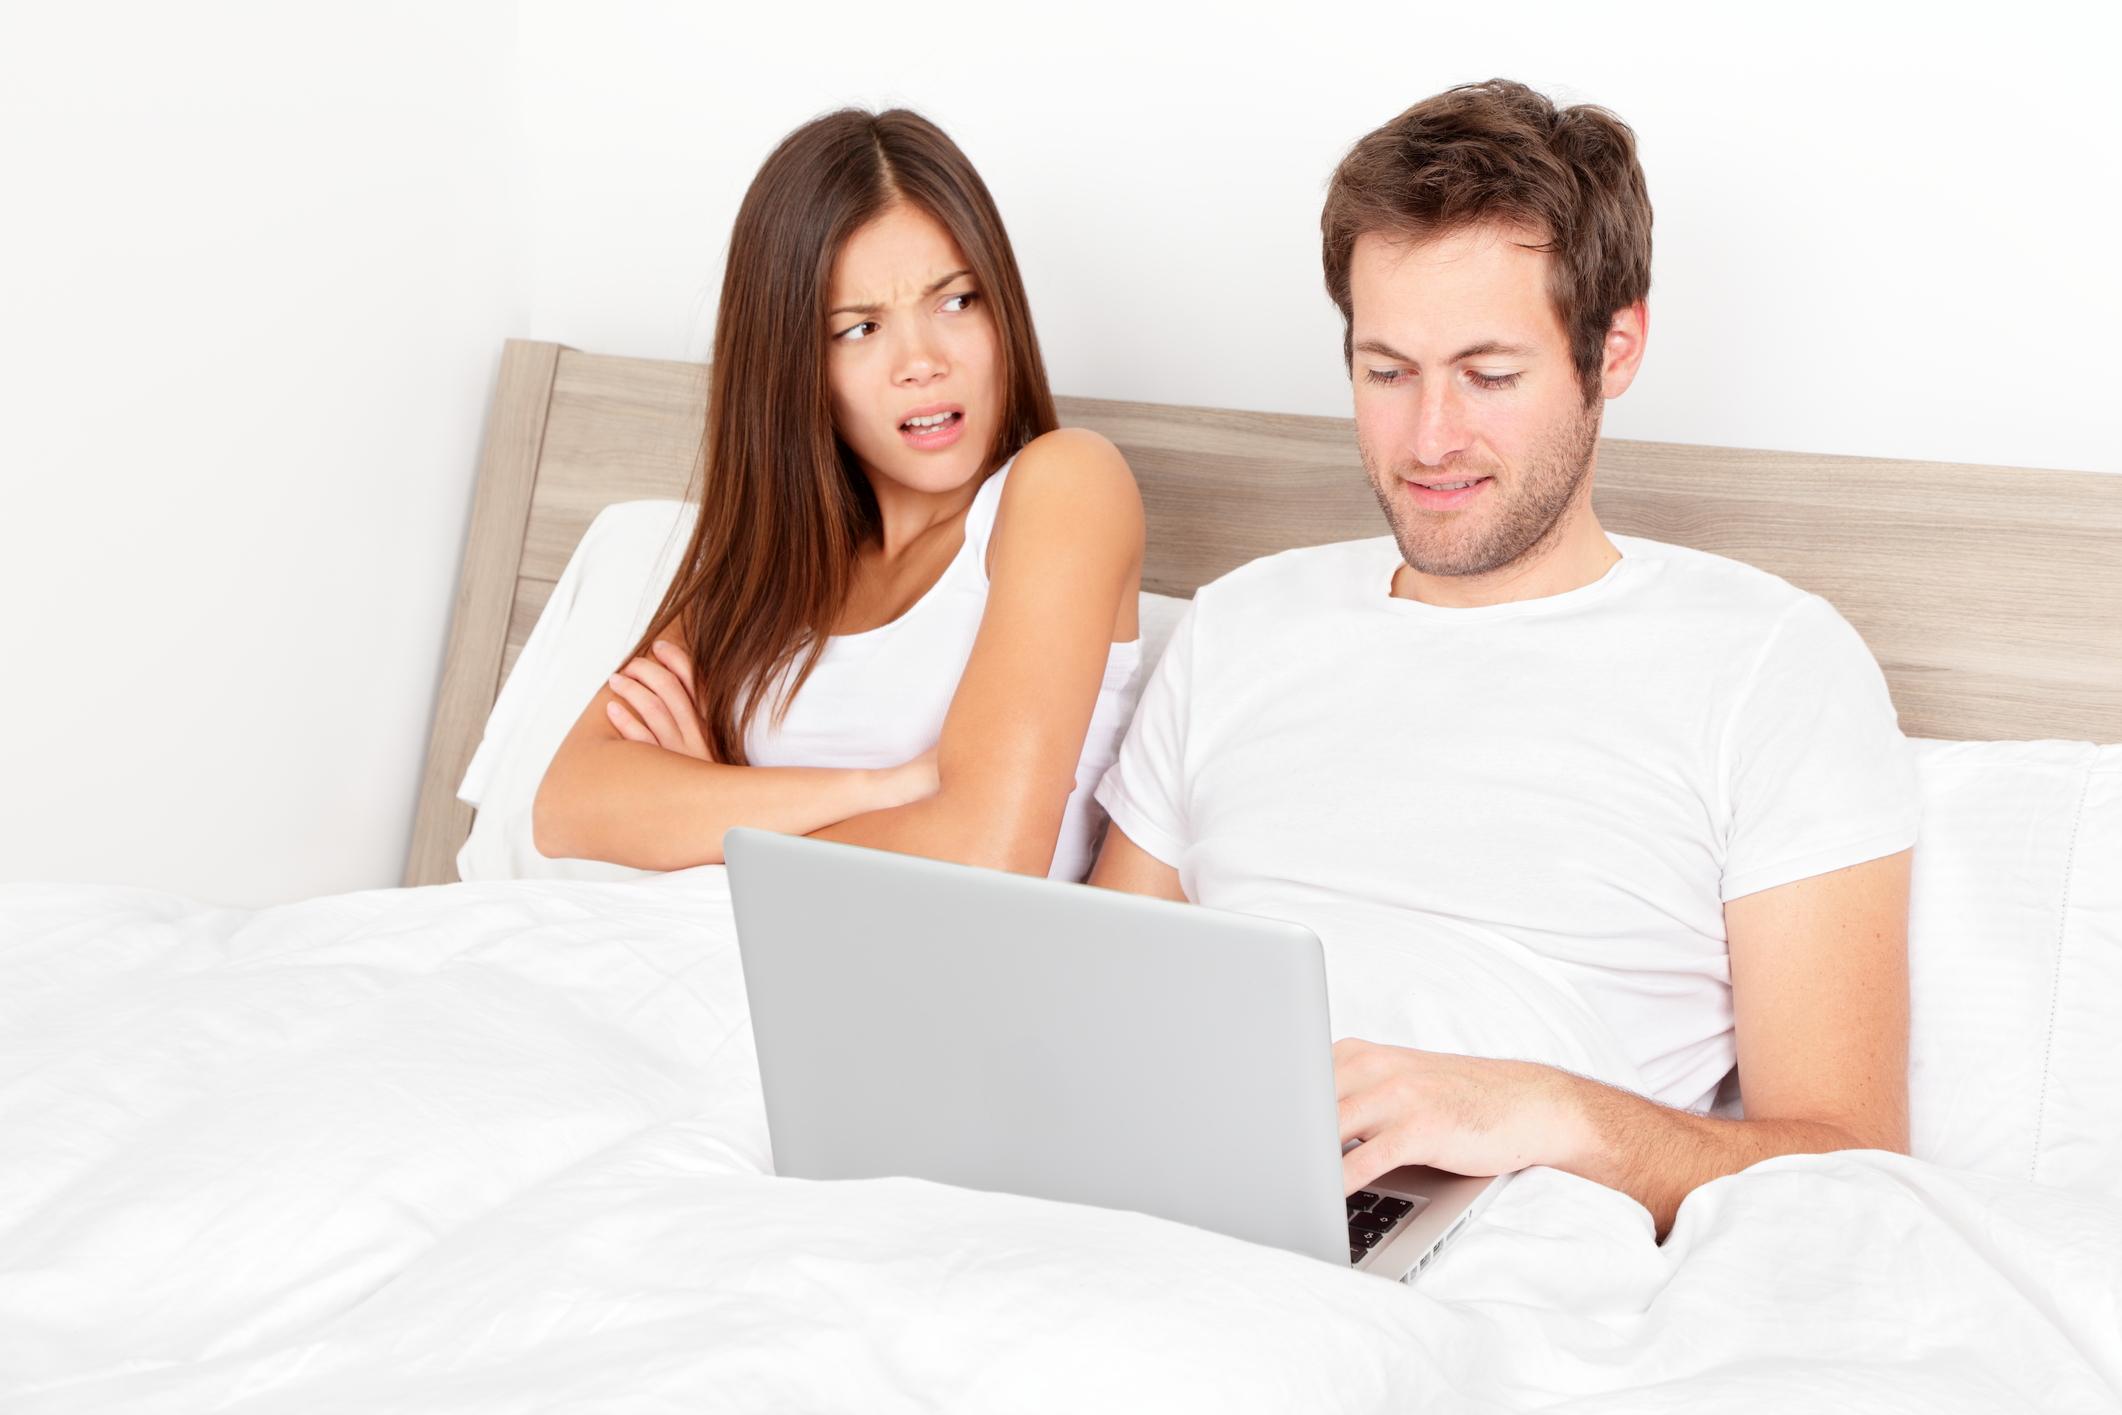 női tizenéves pornó preston parker nagy fasz